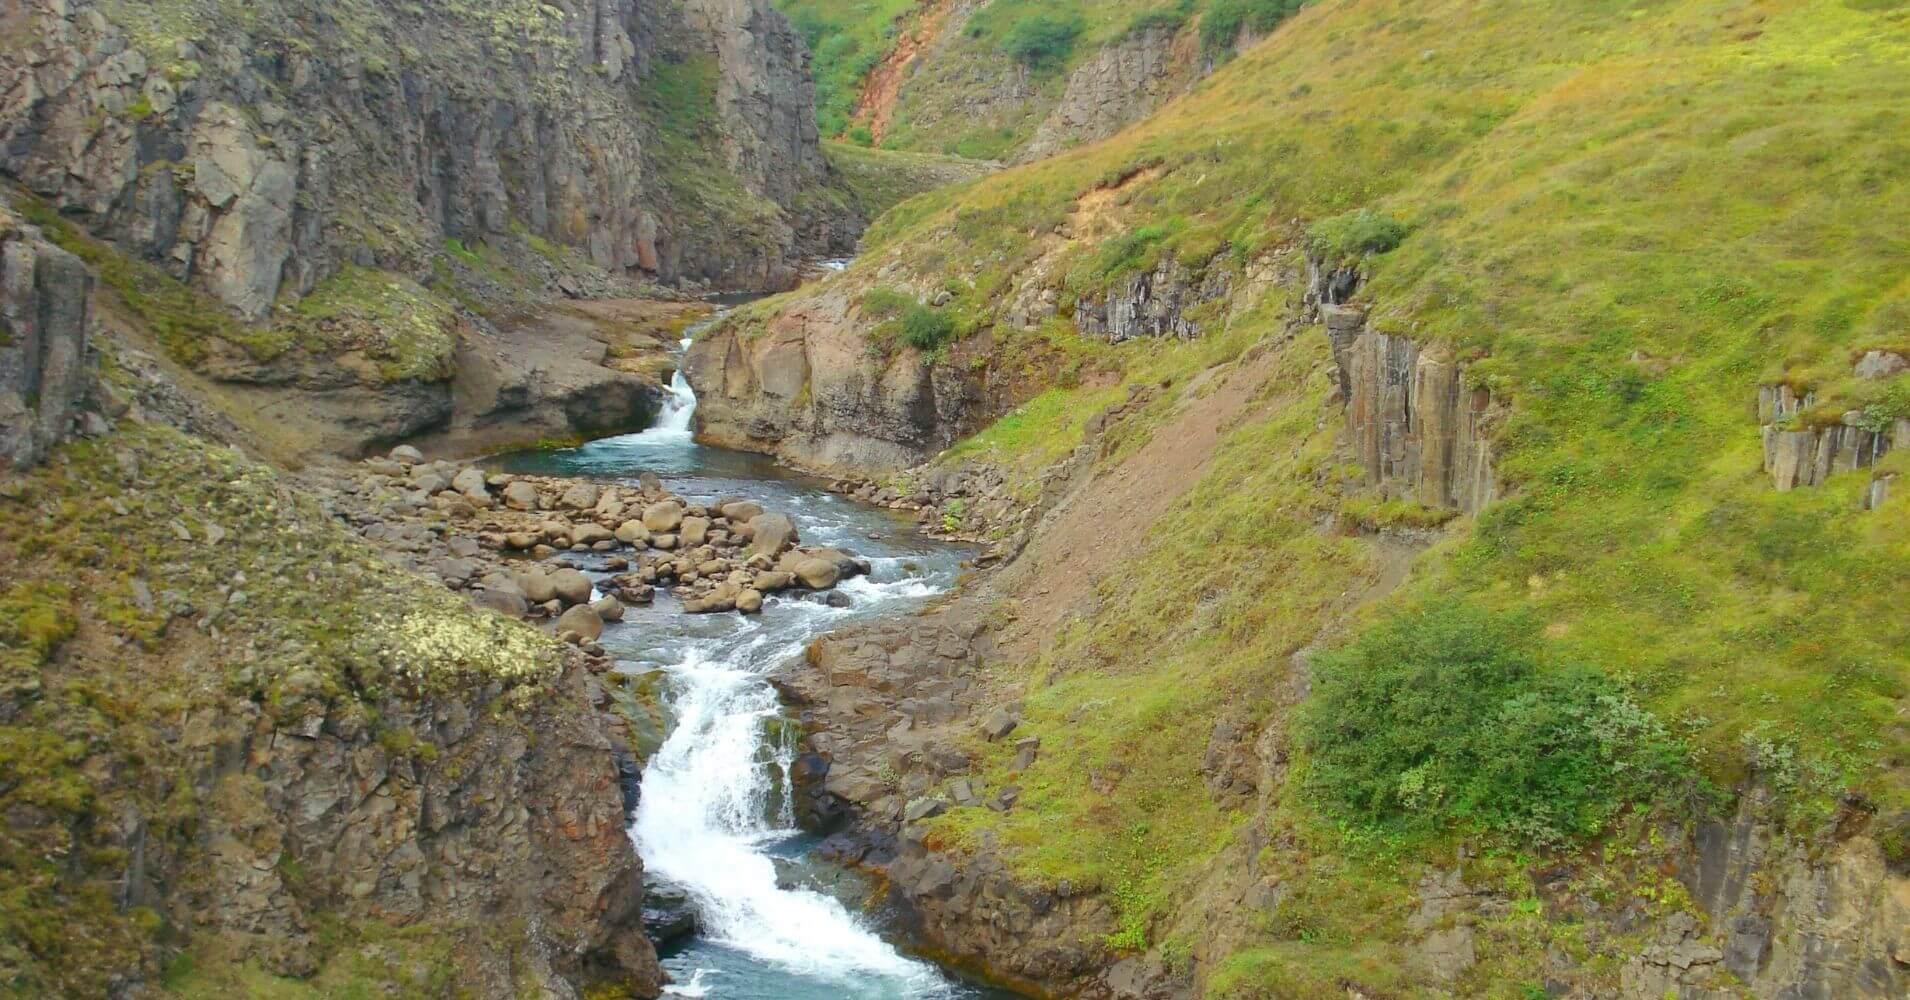 Cañón Jökulsárgljúfur Cascada Dettifoss. Islandia.